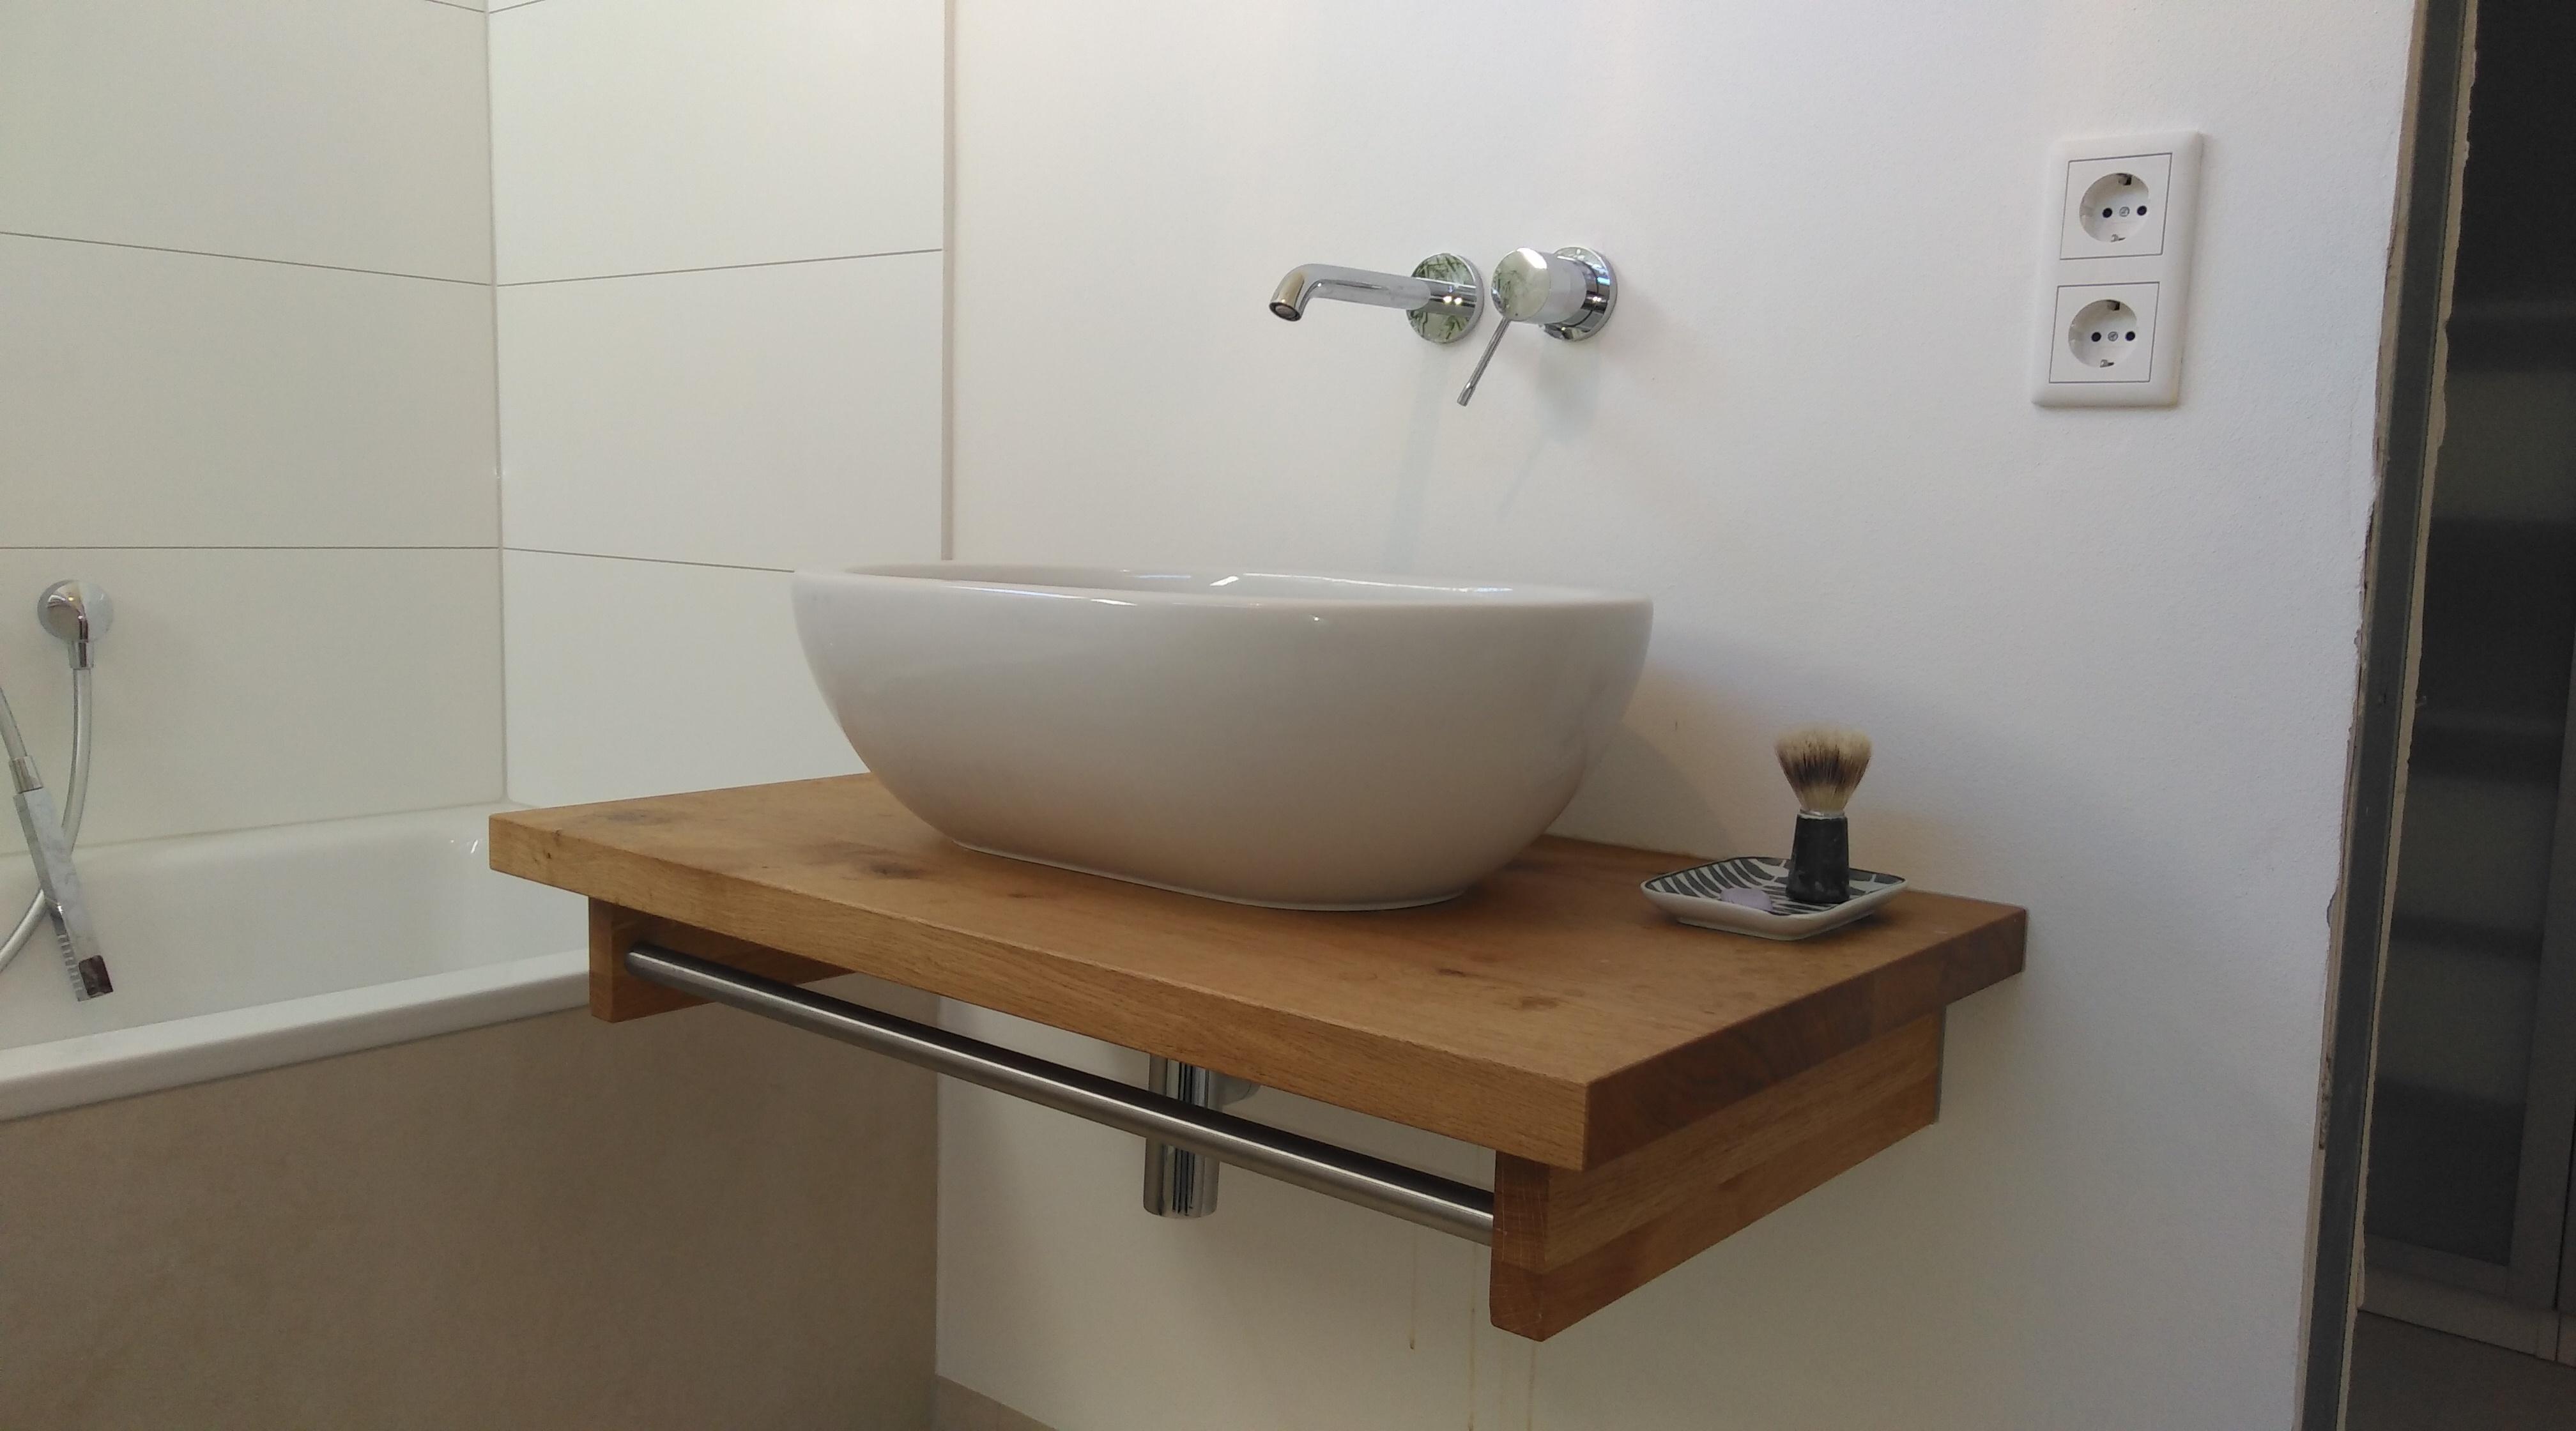 badezimmer und waschtische markus k hres ihre. Black Bedroom Furniture Sets. Home Design Ideas